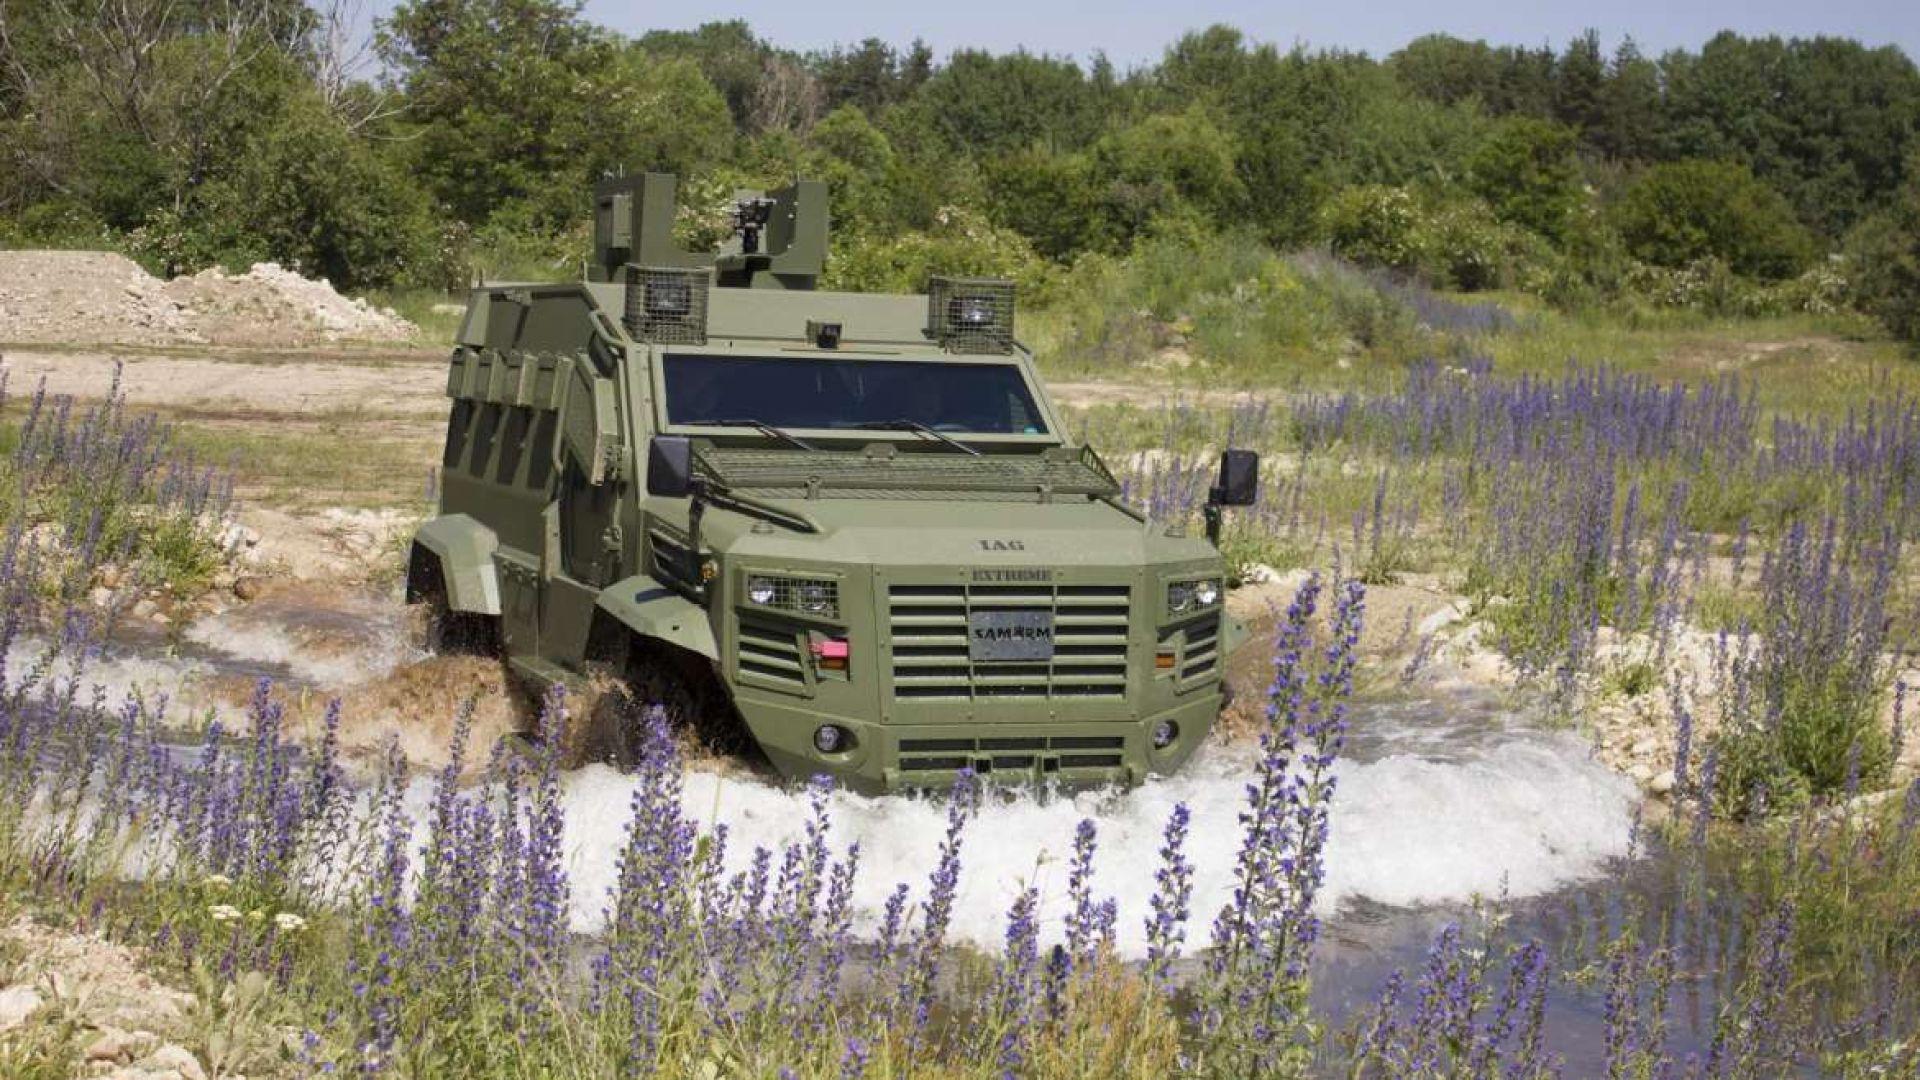 Българските специални сили с нов автомобил (снимки)